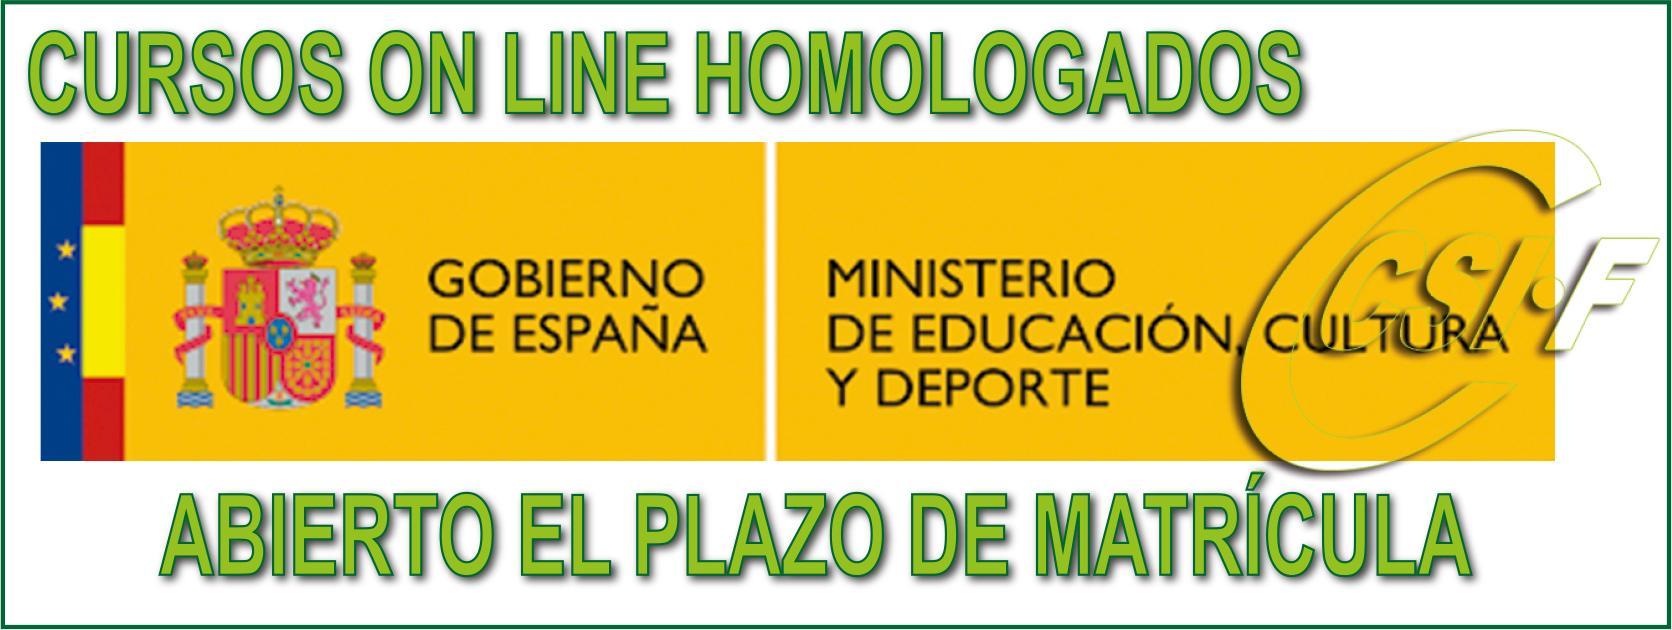 Cursos Homologados por el Ministerio - 2019